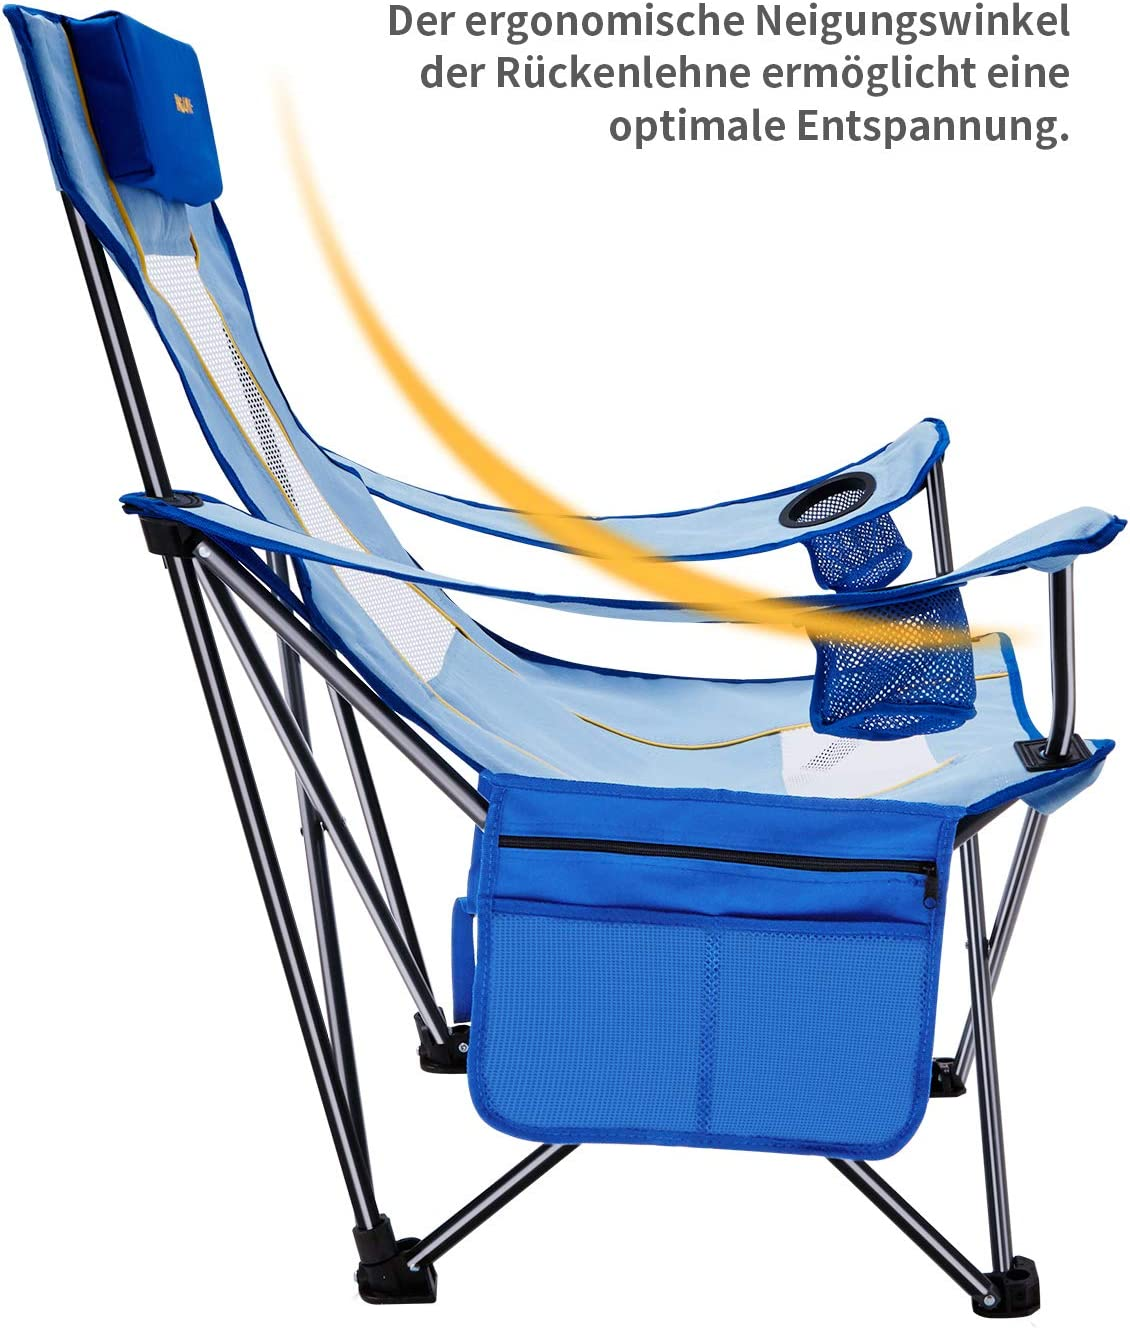 #WEJOY Campingstuhl Faltstuhl Klappstuhl mit Seitentasche Getr/änkehalter abziehbares Kopfkissen Stahlrohr bis 120kg Belastbar Tragetasche mit Trageschlaufe